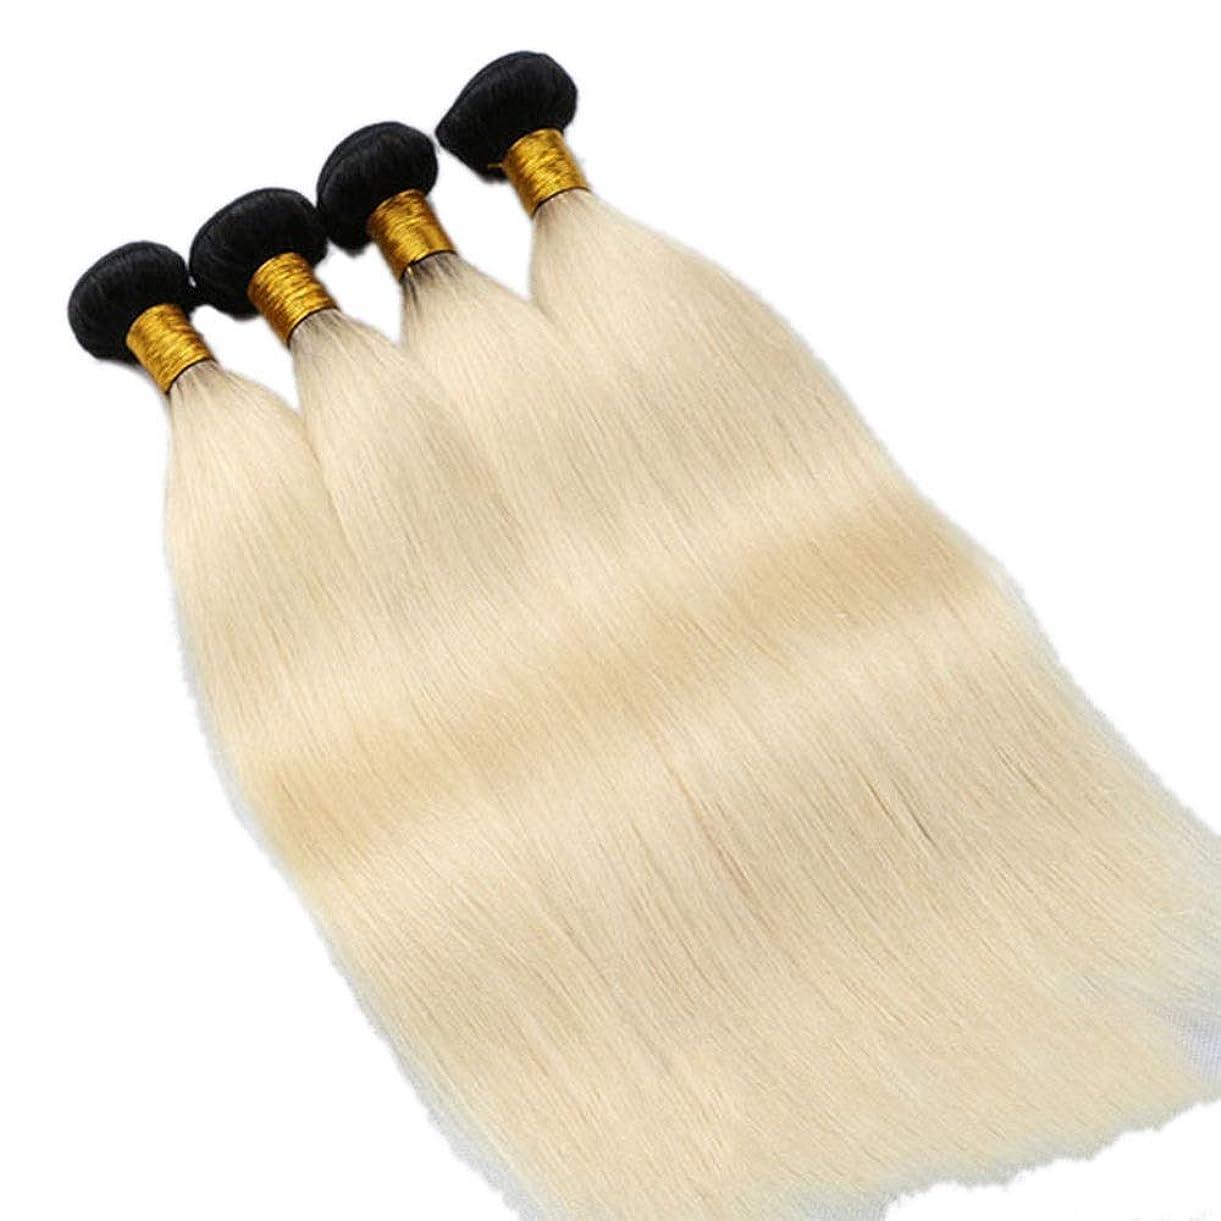 コカイン放置評議会BOBIDYEE ブラジルのストレートヘアハニーブロンドシングル12インチ織りバンドル100%人毛エクステンションウィーブで縫う(10インチ-24インチ)女性用合成かつらレースかつらロールプレイングかつら (色 : Blonde, サイズ : 10 inch)